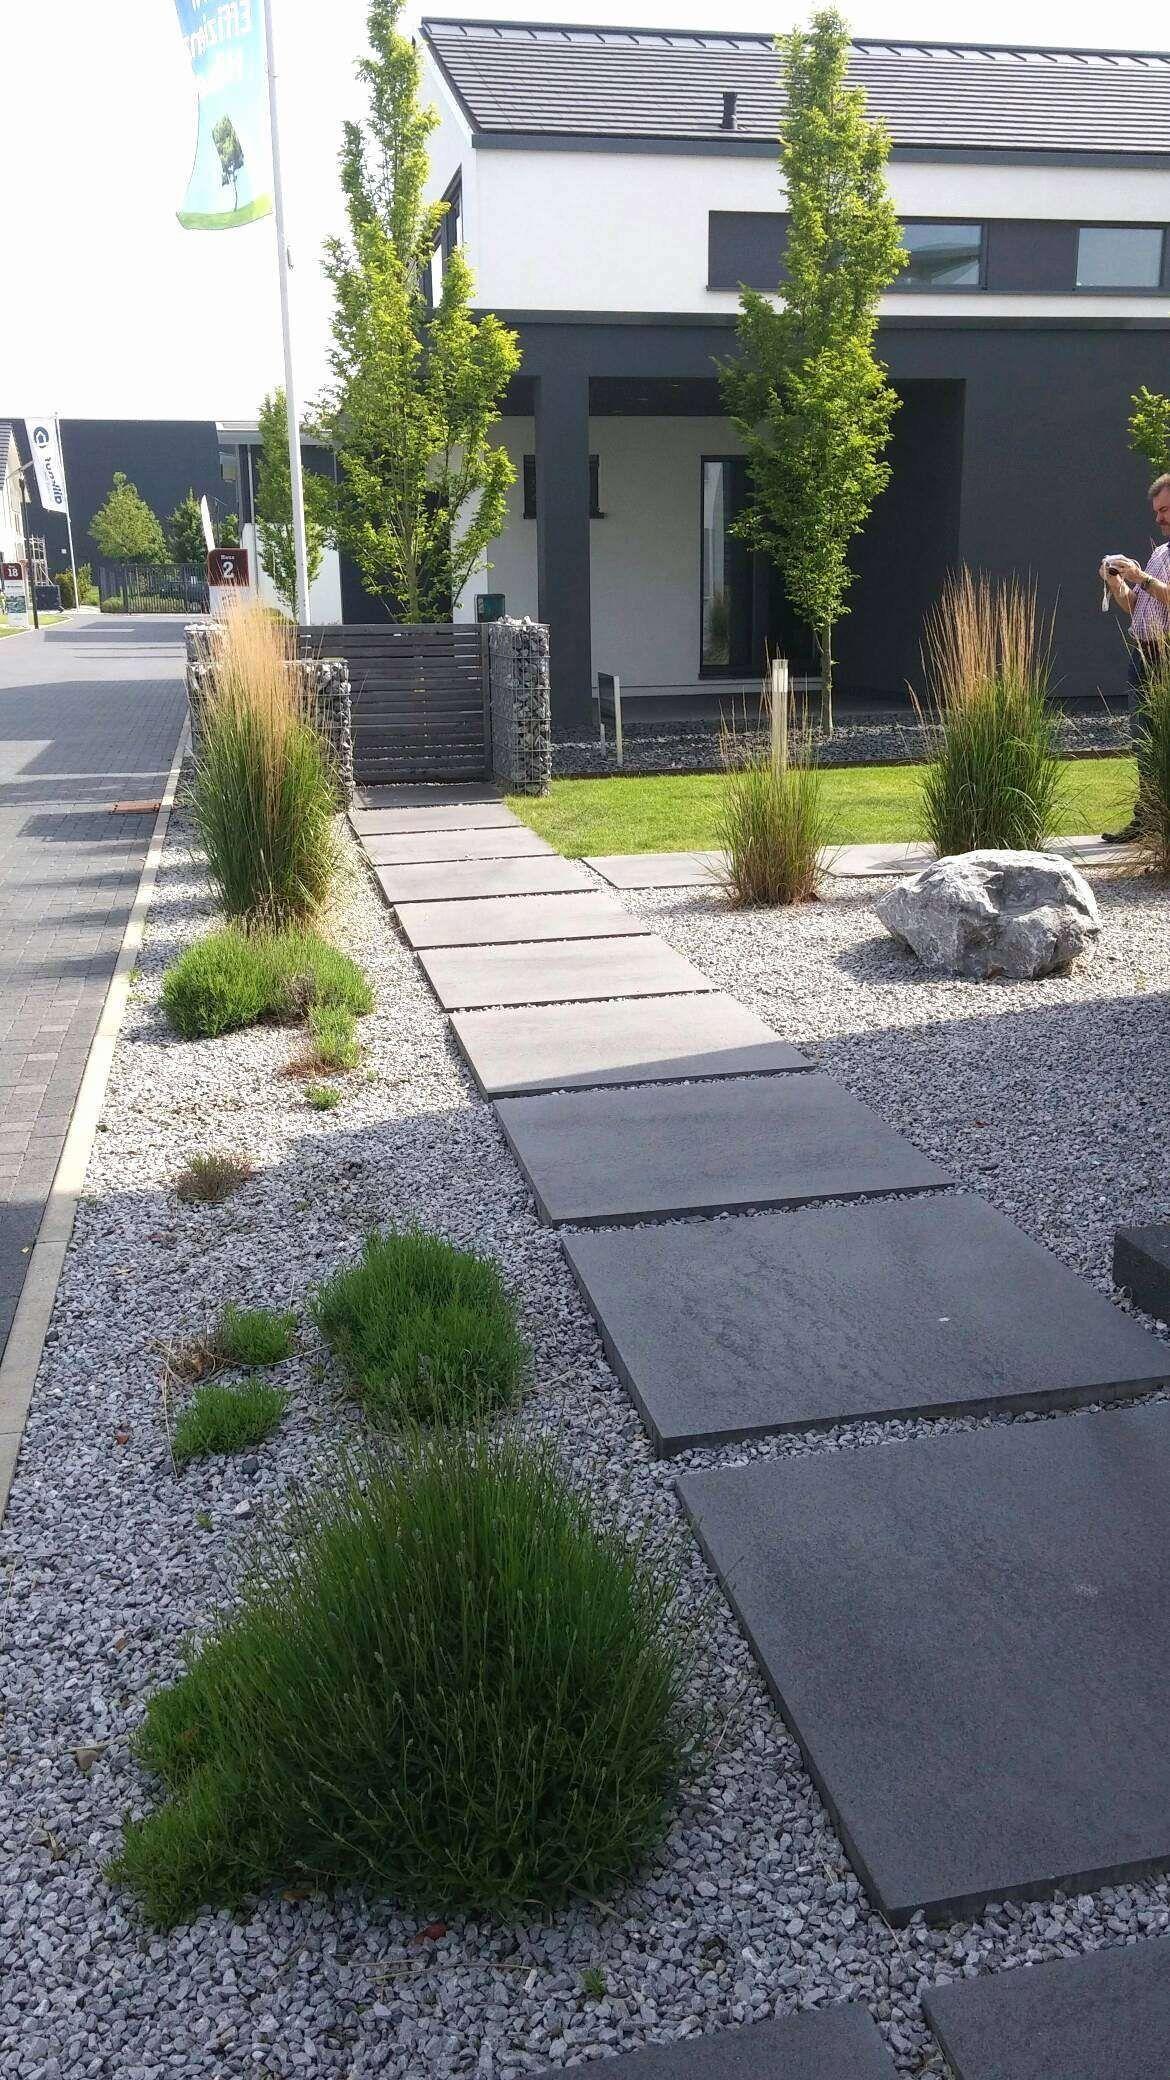 Garten Anlegen Mit Steinen Elegant Gemusegarten Anlegen Beispiele Inspirierend Garten Ideas